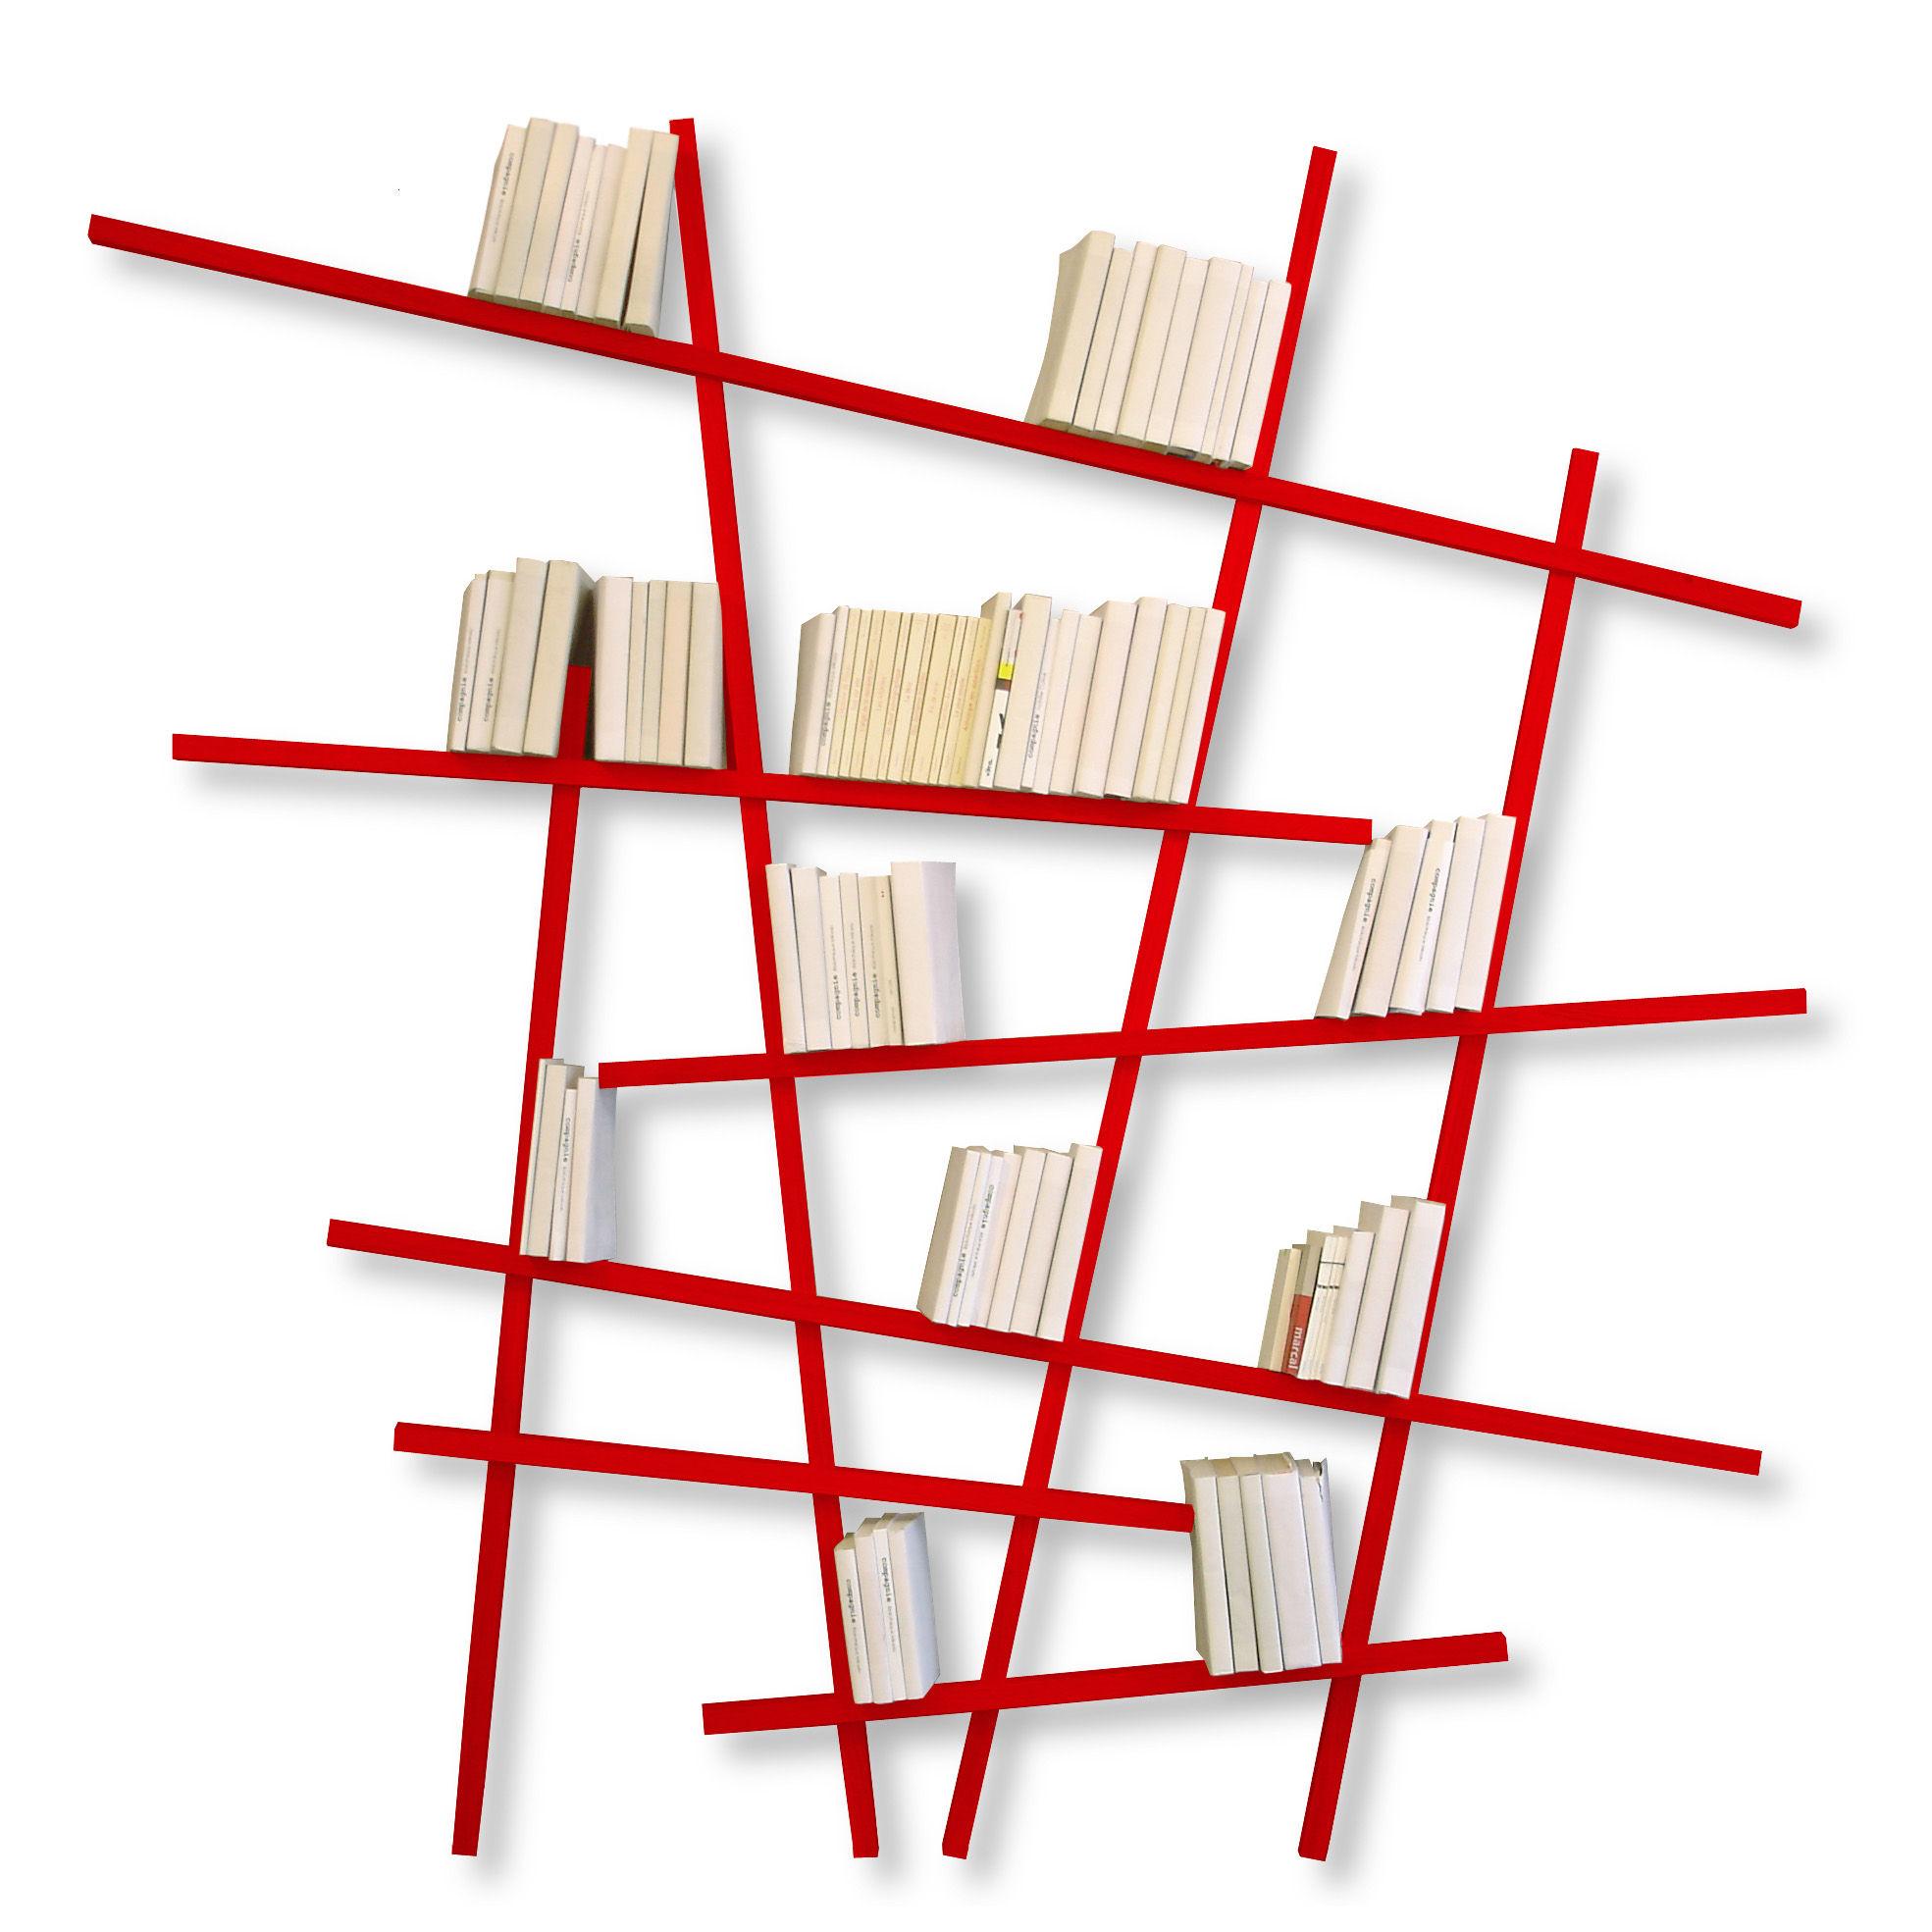 Möbel - Regale und Bücherregale - Mikado Large Bücherregal farbig - großes Modell - Compagnie - Rot - lackierte Buche